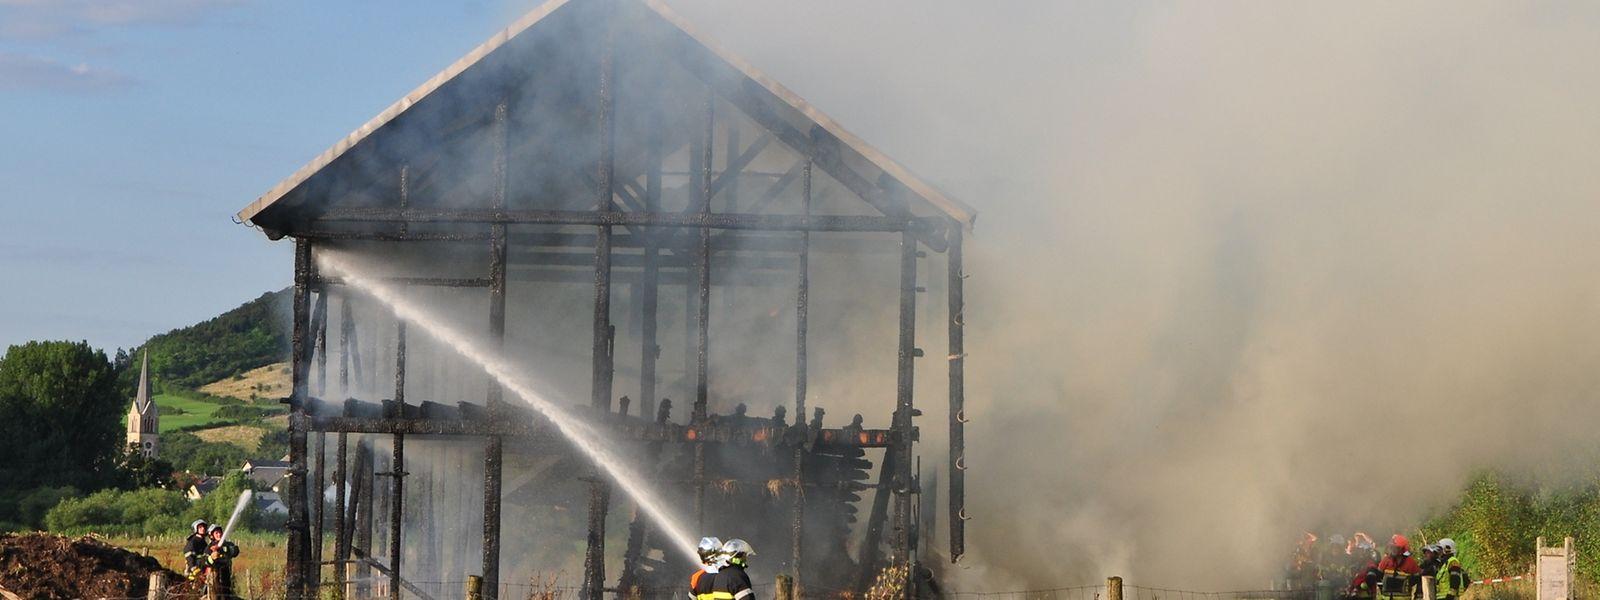 Les policiers n'ont pu empêcher la propagation du feu à cause des bottes de paille.